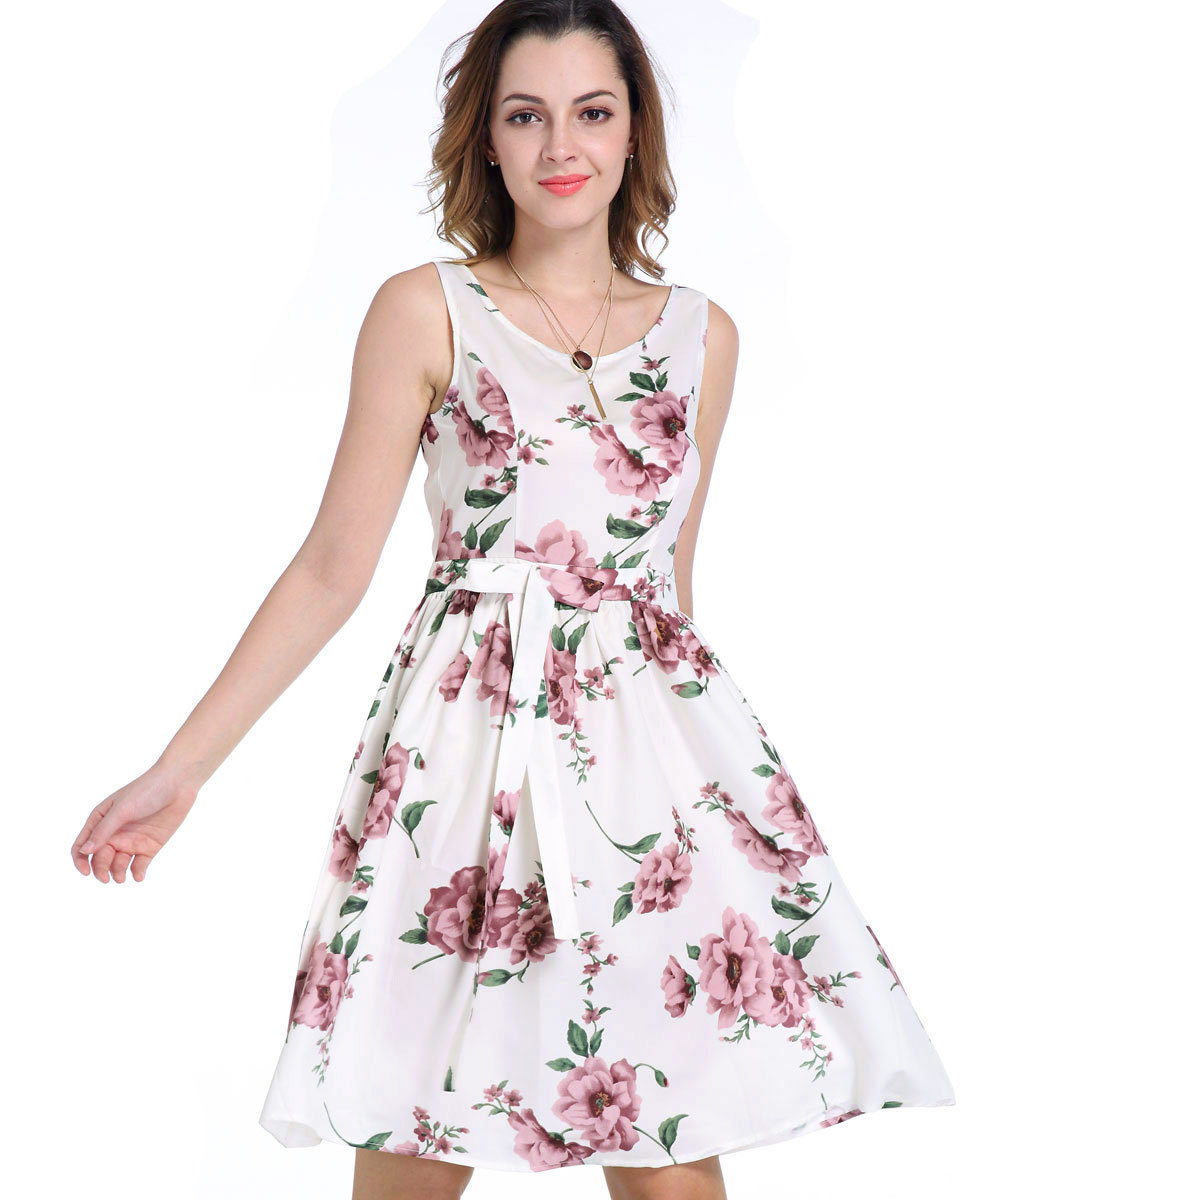 günstige kleid kurz plissierte kleider mint floral kurzarm kleid elegante  vintage swing kleider urlaub verschleiß blumen gedruckt